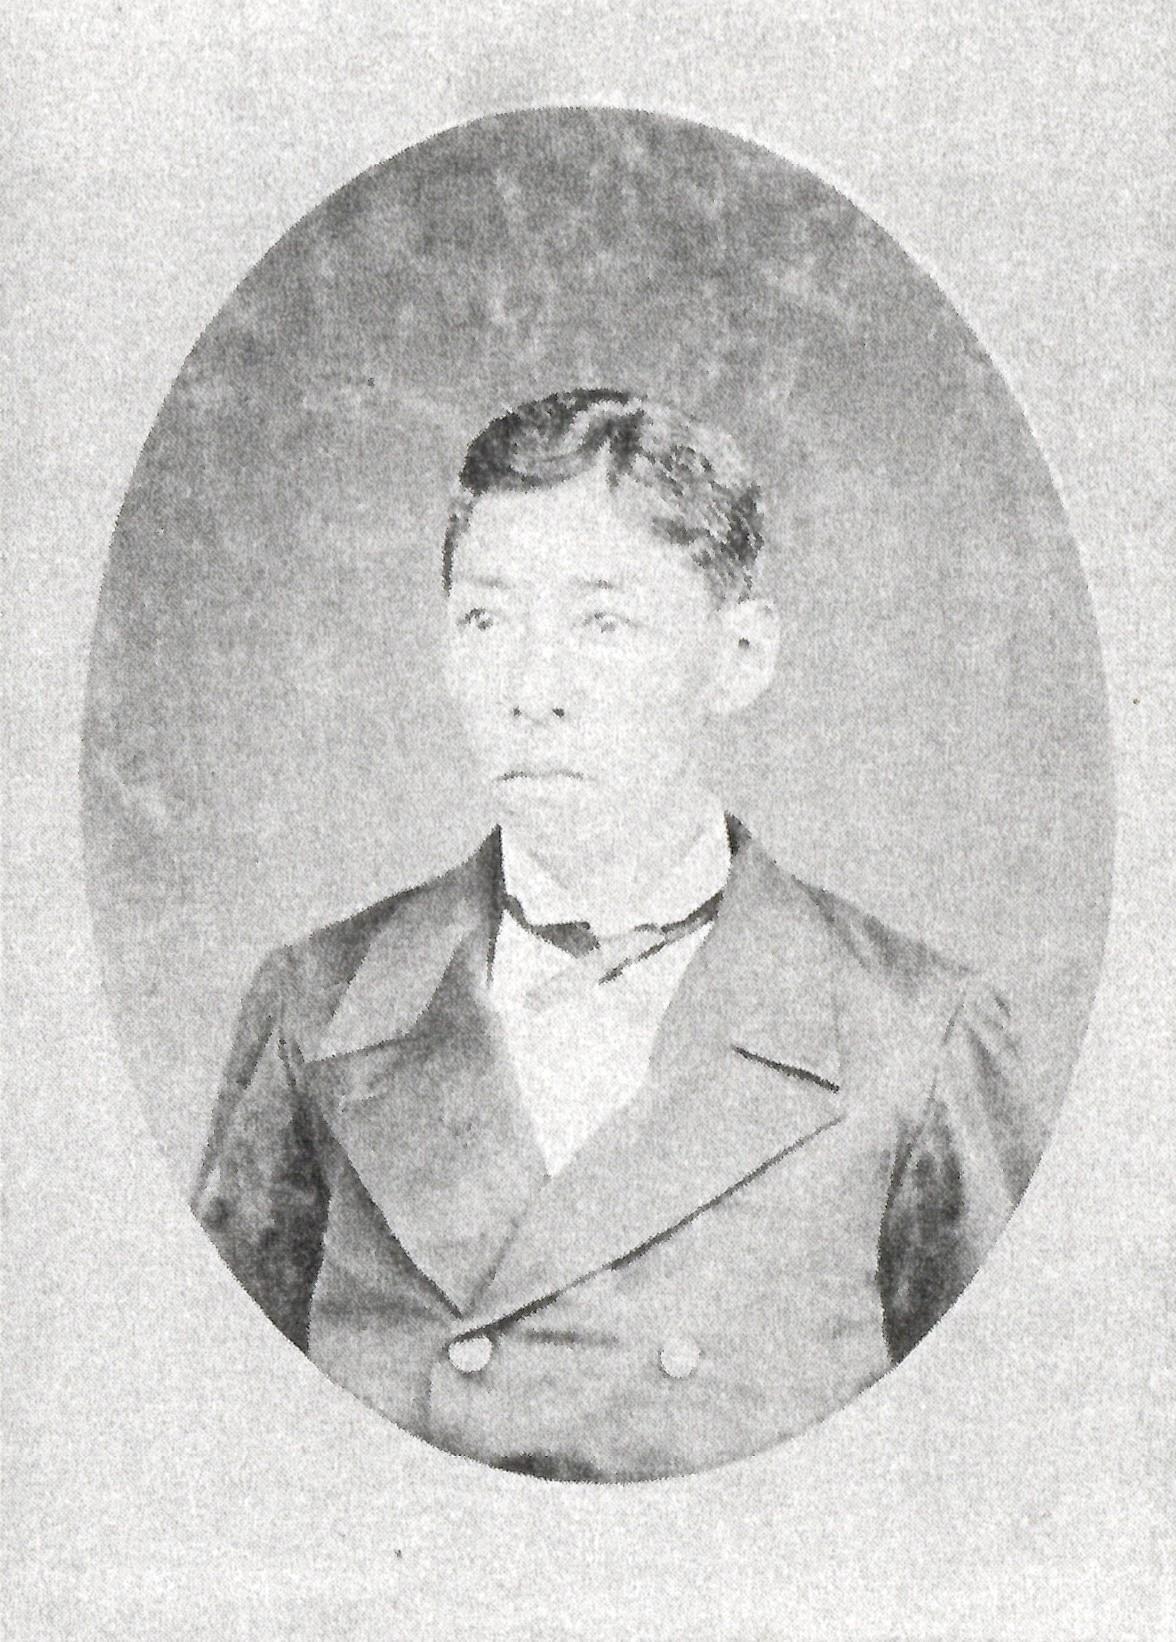 本多忠明 - Wikipedia